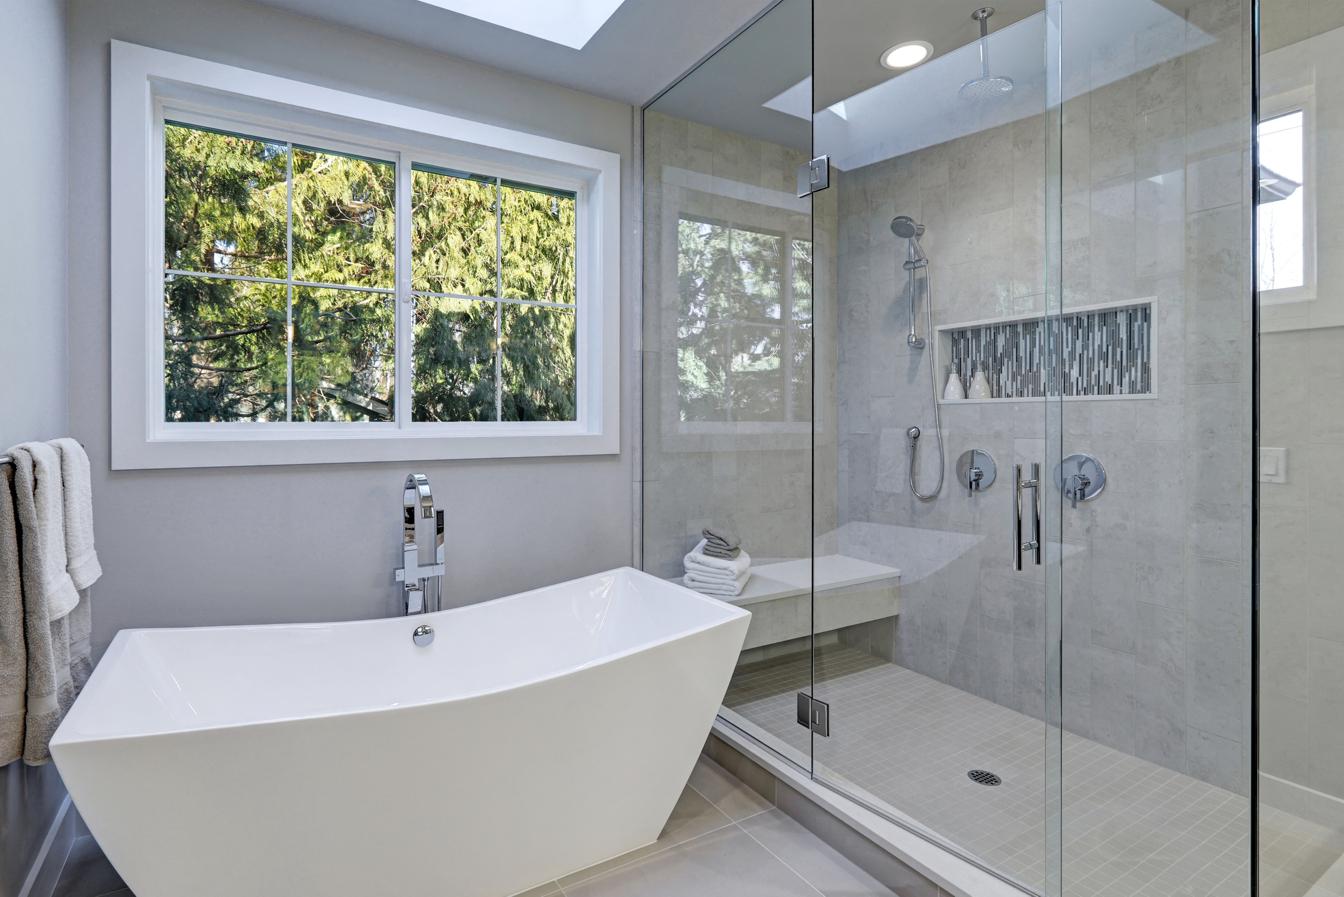 Jak Projektować Instalację Elektryczną W łazience